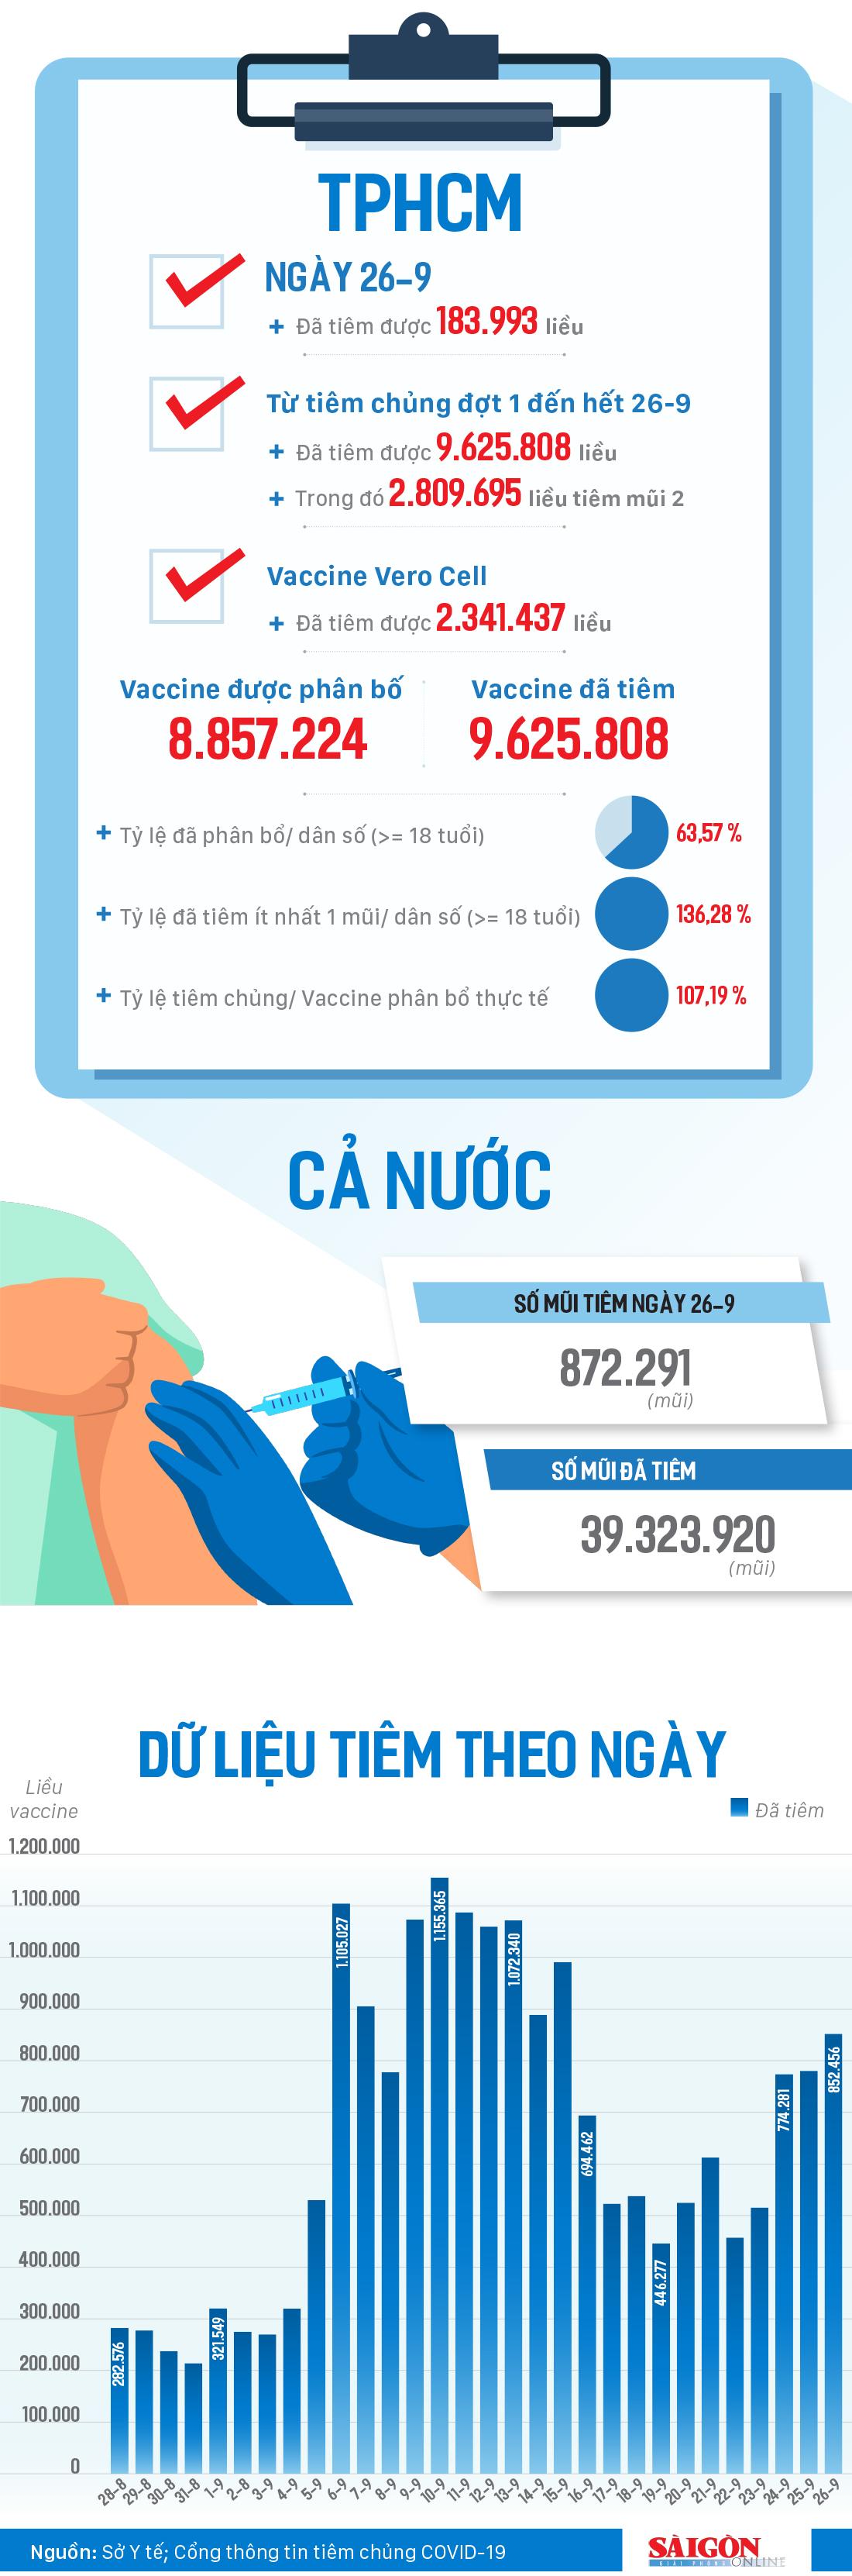 TPHCM gần đạt cột mốc 10 triệu liều tiêm vaccine Covid-19 ảnh 1